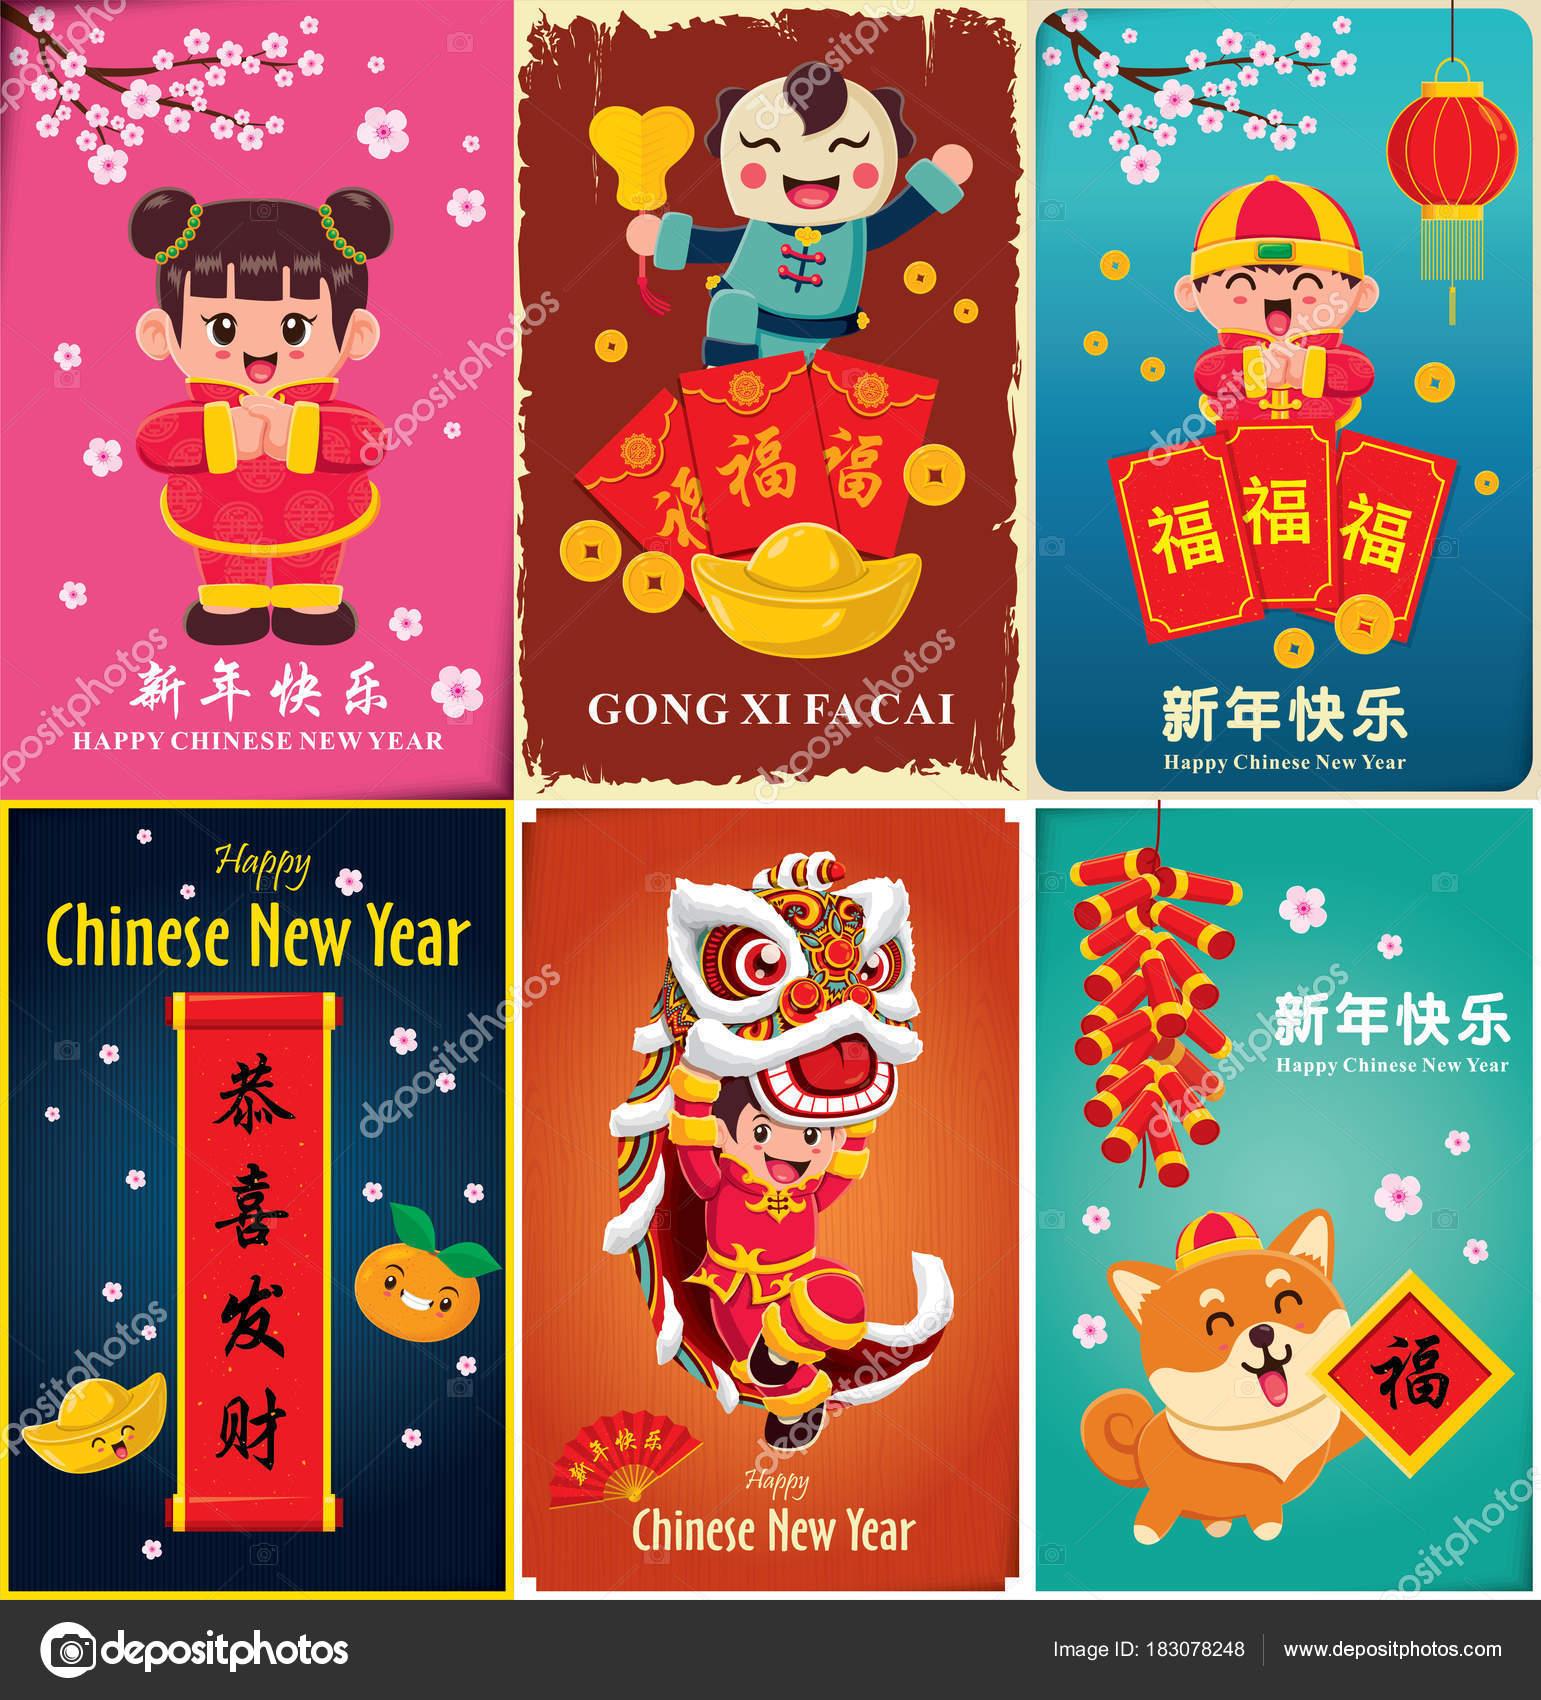 Vintage Chinesisches Neujahr Poster Design Mit Löwentanz Kinder Und ...